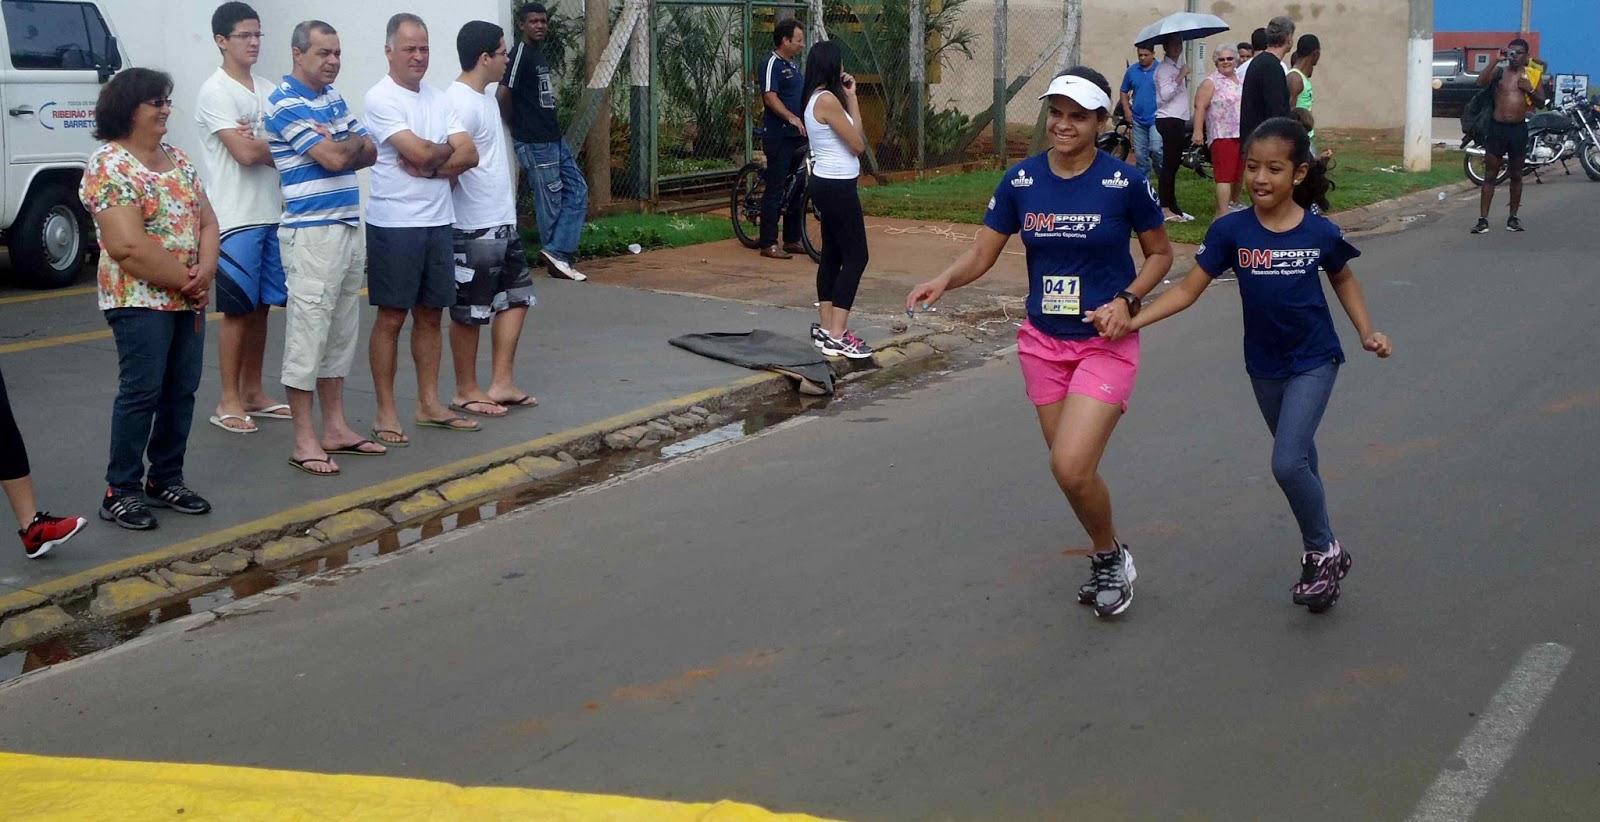 Foto 146 da 1ª Corrida Av. dos Coqueiros em Barretos-SP 14/04/2013 – Atletas cruzando a linha de chegada